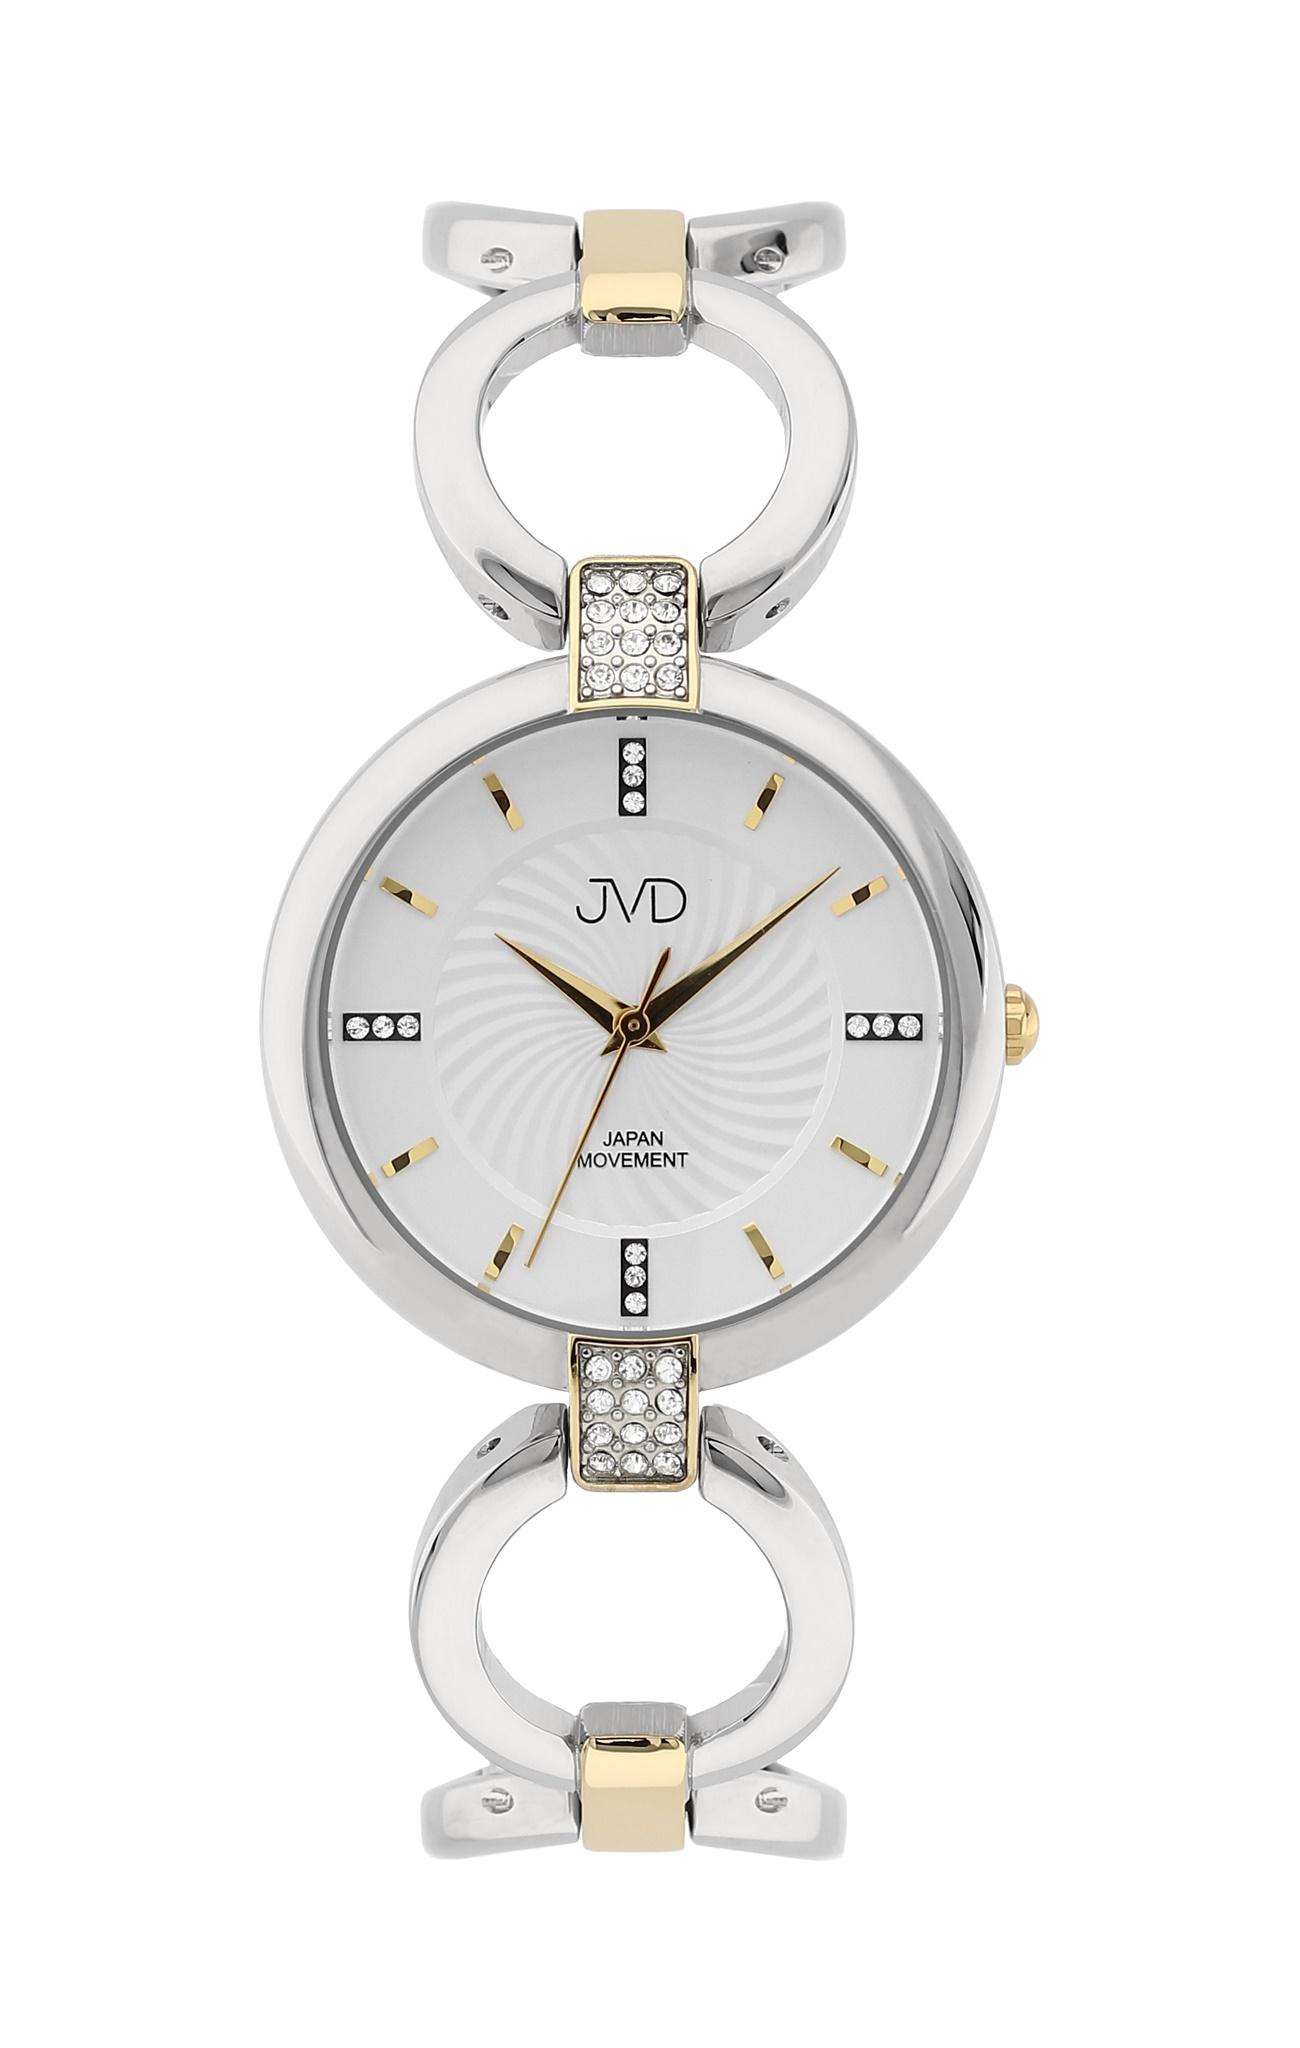 Luxusní dámské nerezové náramkové hodinky JVD JC093.2 - bicolor (POŠTOVNÉ ZDARMA!!)